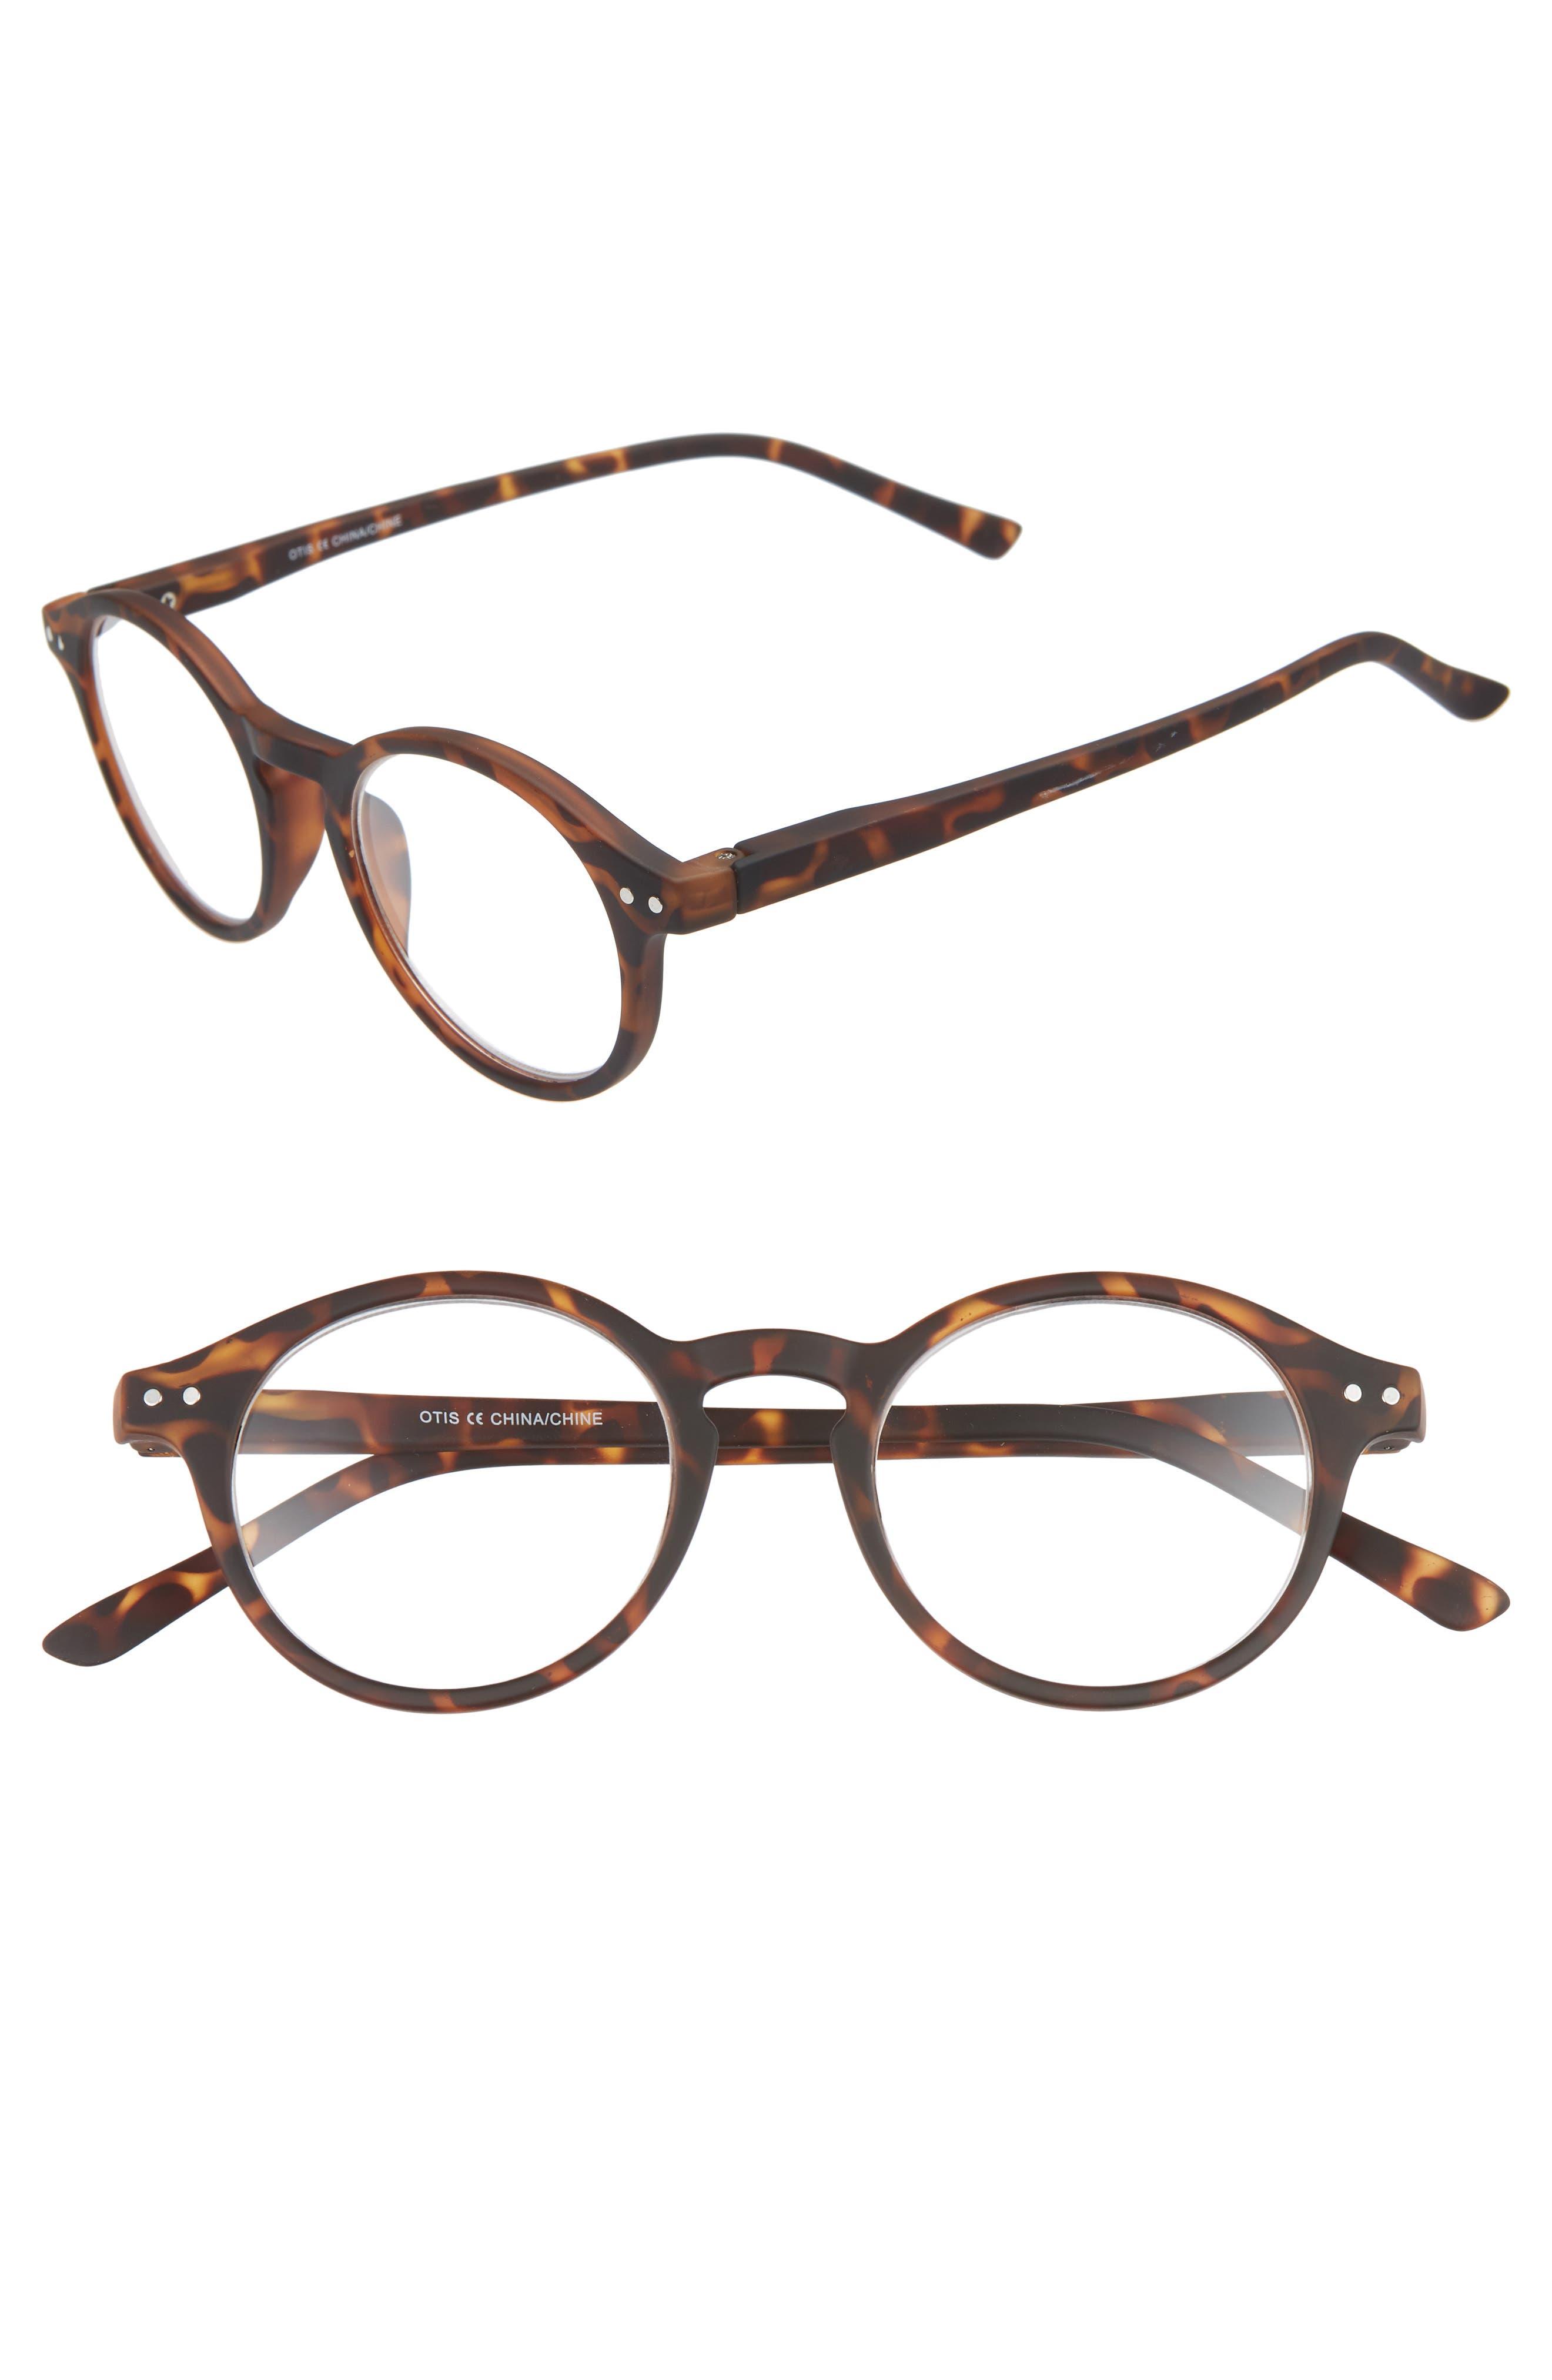 Otis 48mm Reading Glasses,                         Main,                         color, BROWN TORTOISE